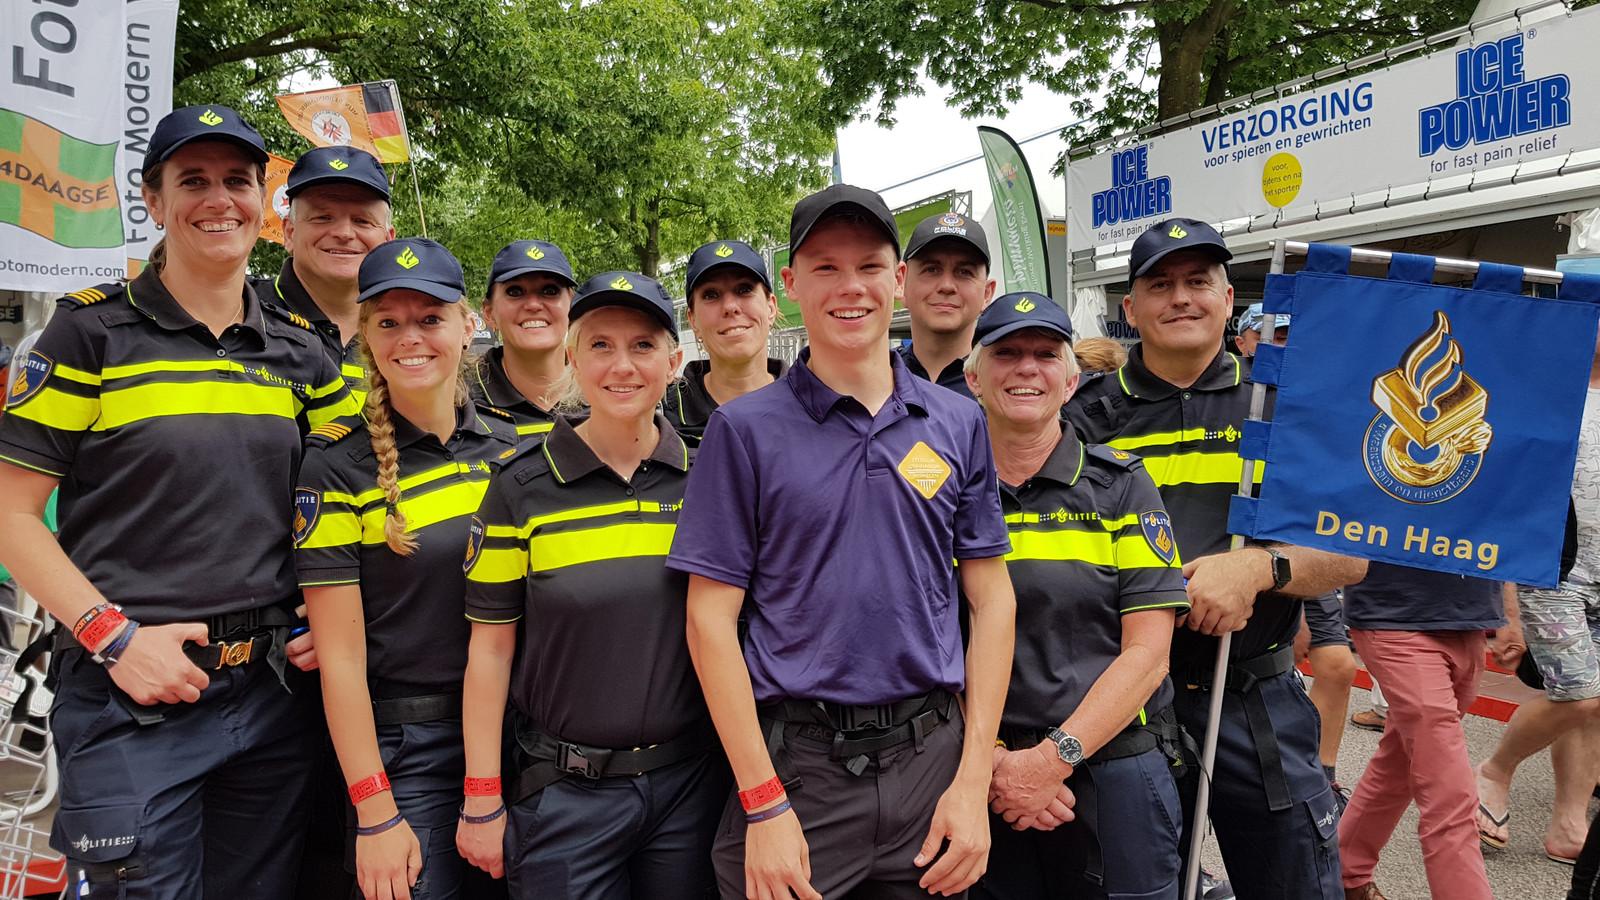 Job van Olst uit Elst loopt de Vierdaagse samen met de politie-eenheid Den Haag.